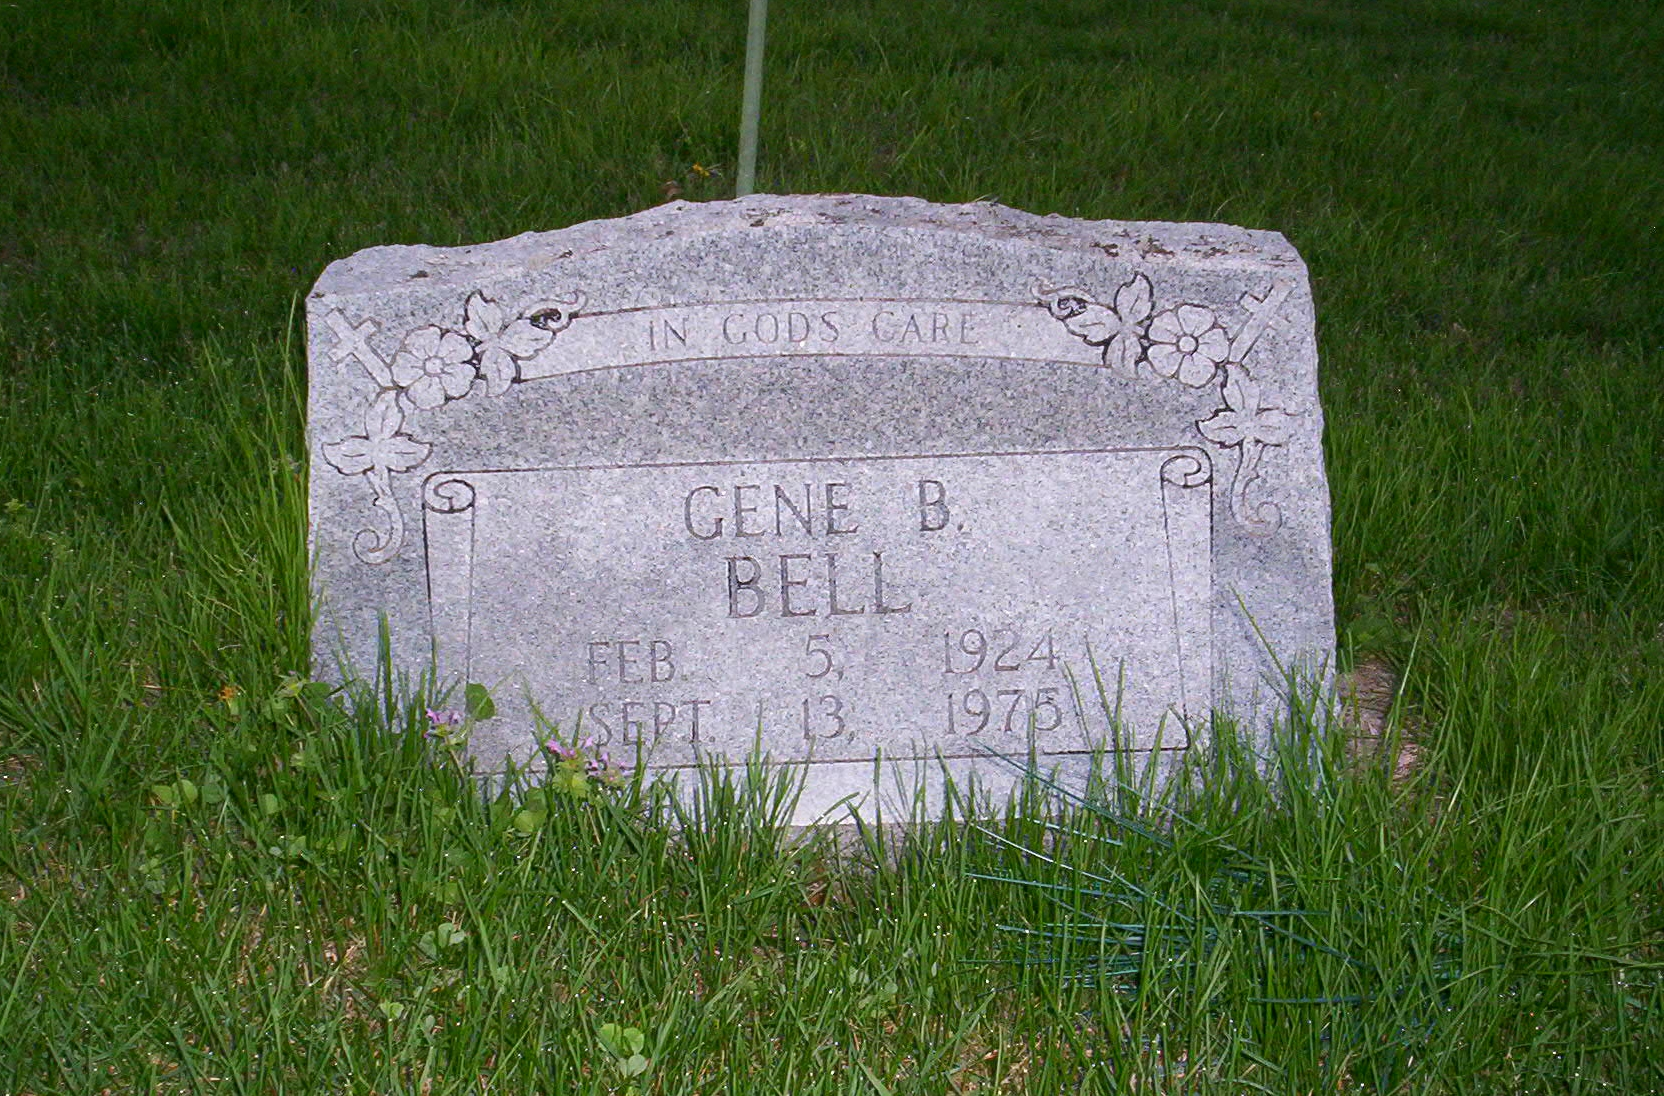 Gene E Bell